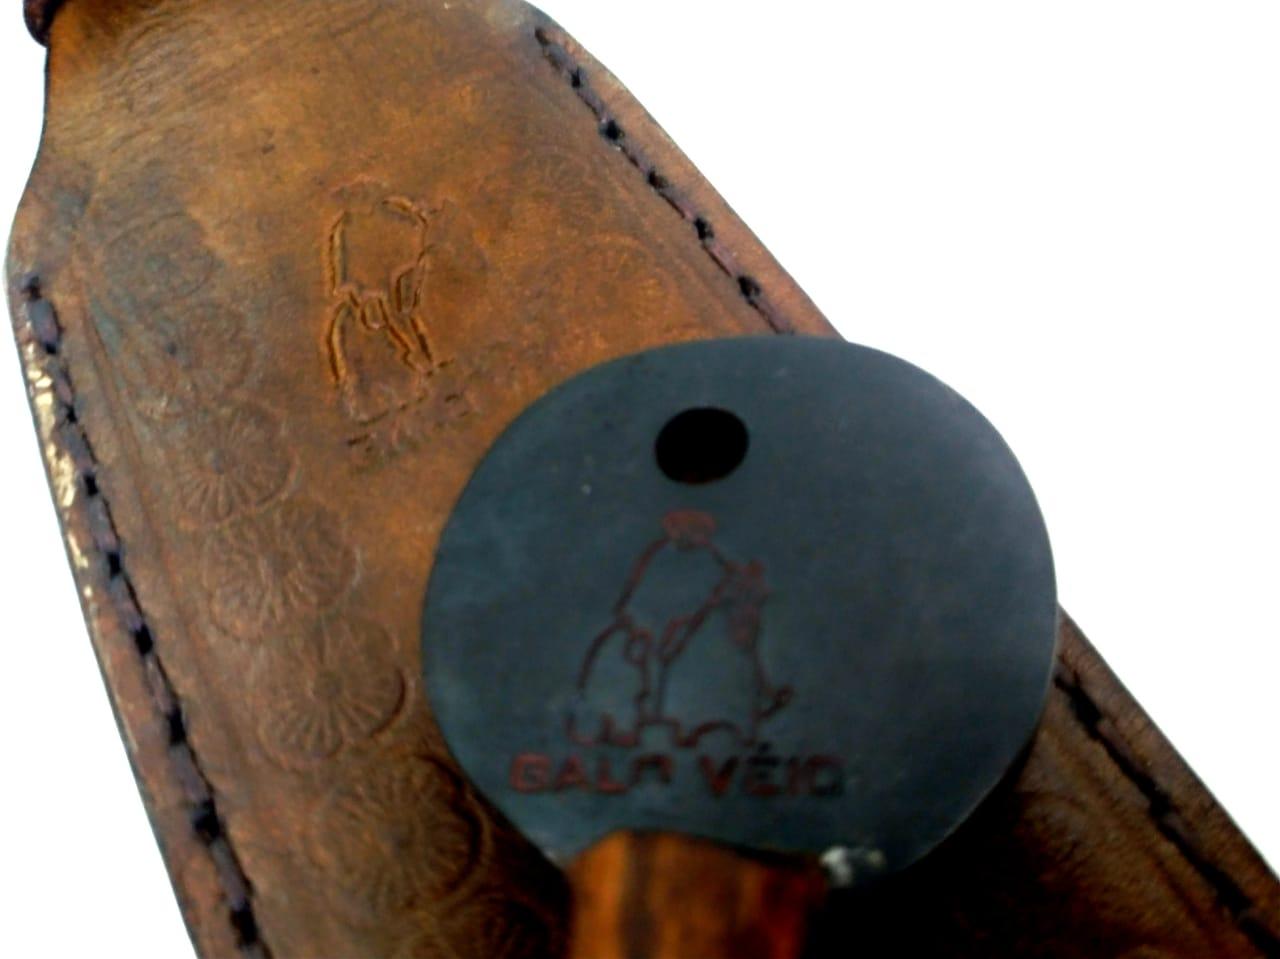 Garfo forjado em aço artesanal  galo véio 21 polegadas